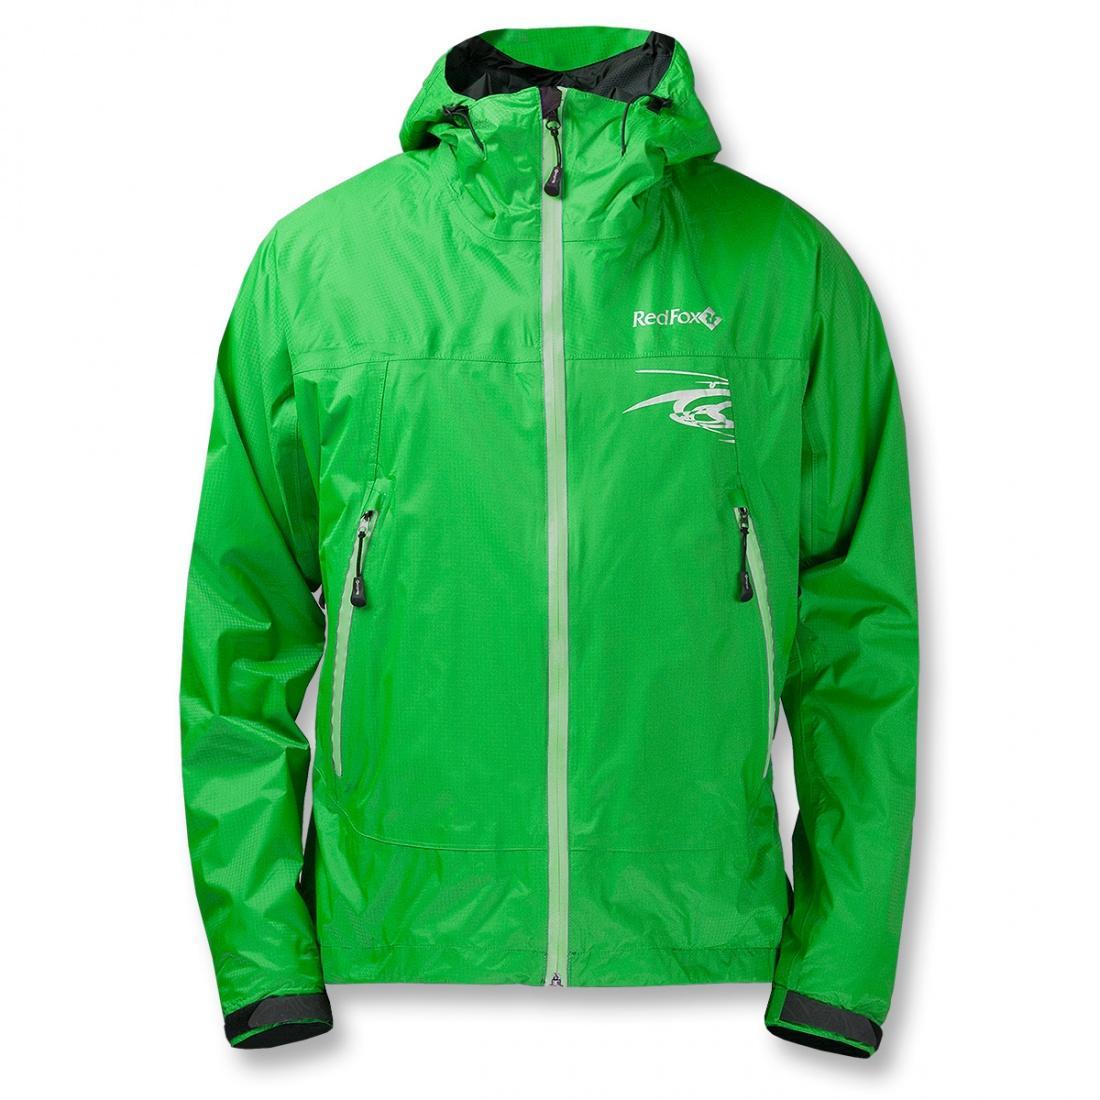 Куртка ветрозащитная Trek IIКуртки<br><br><br> Легкая влаго-ветрозащитная куртка для использованияв ветреную или...<br><br>Цвет: Зеленый<br>Размер: 56